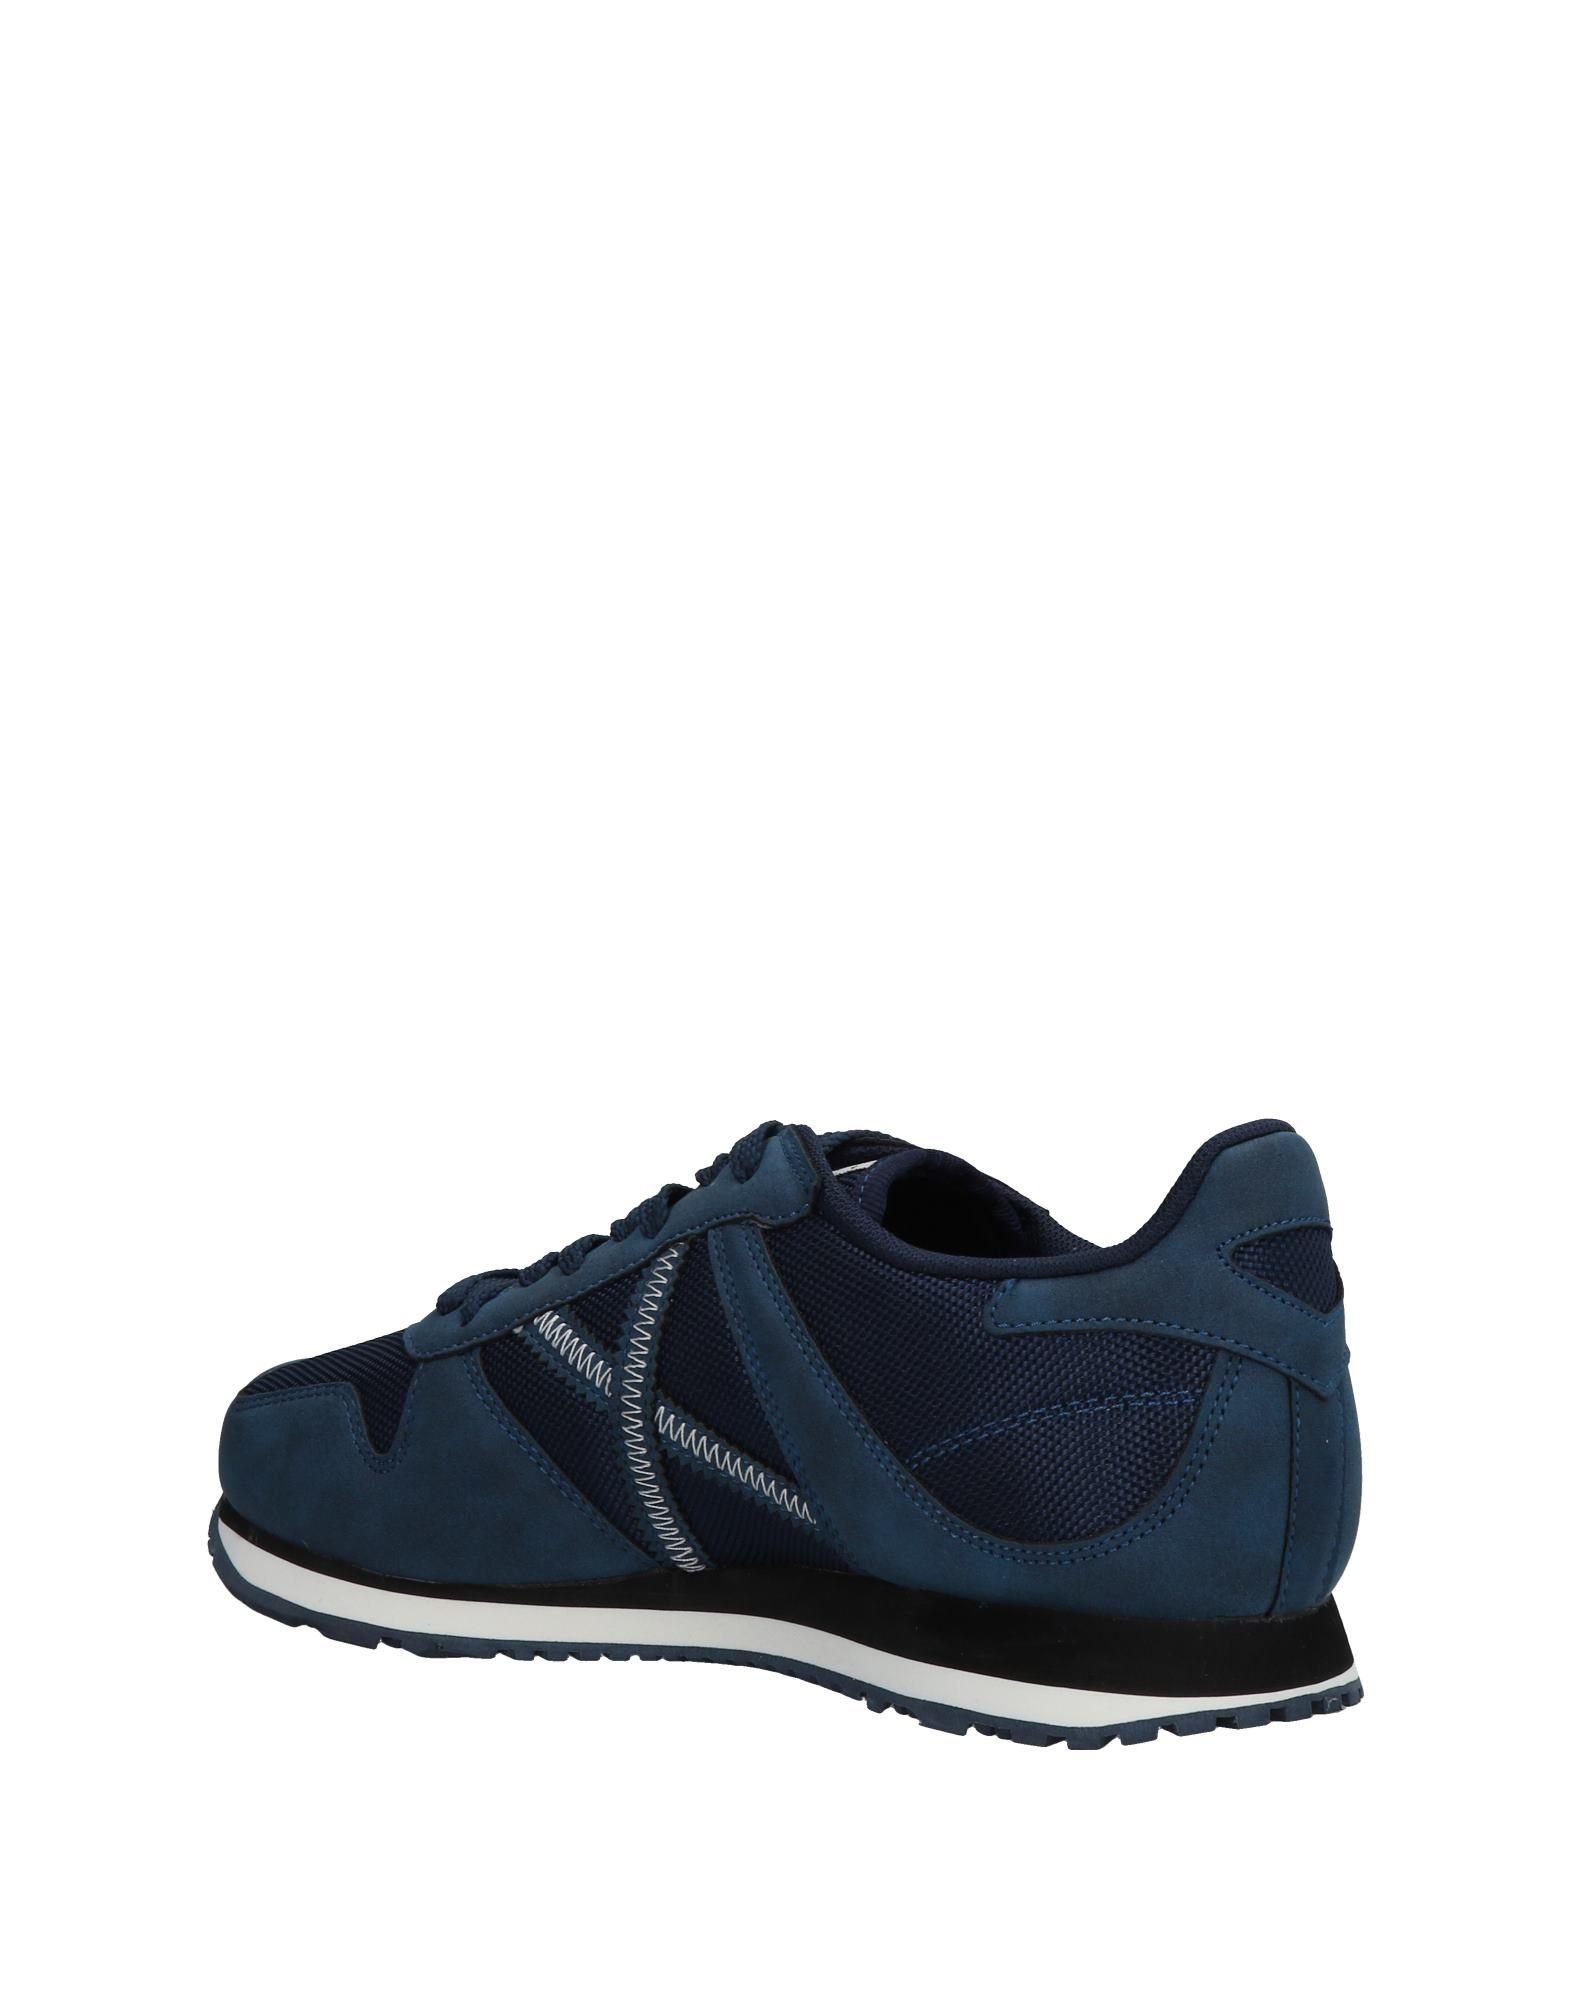 Rabatt echte  Schuhe Munich Sneakers Herren  echte 11467736CN a688db